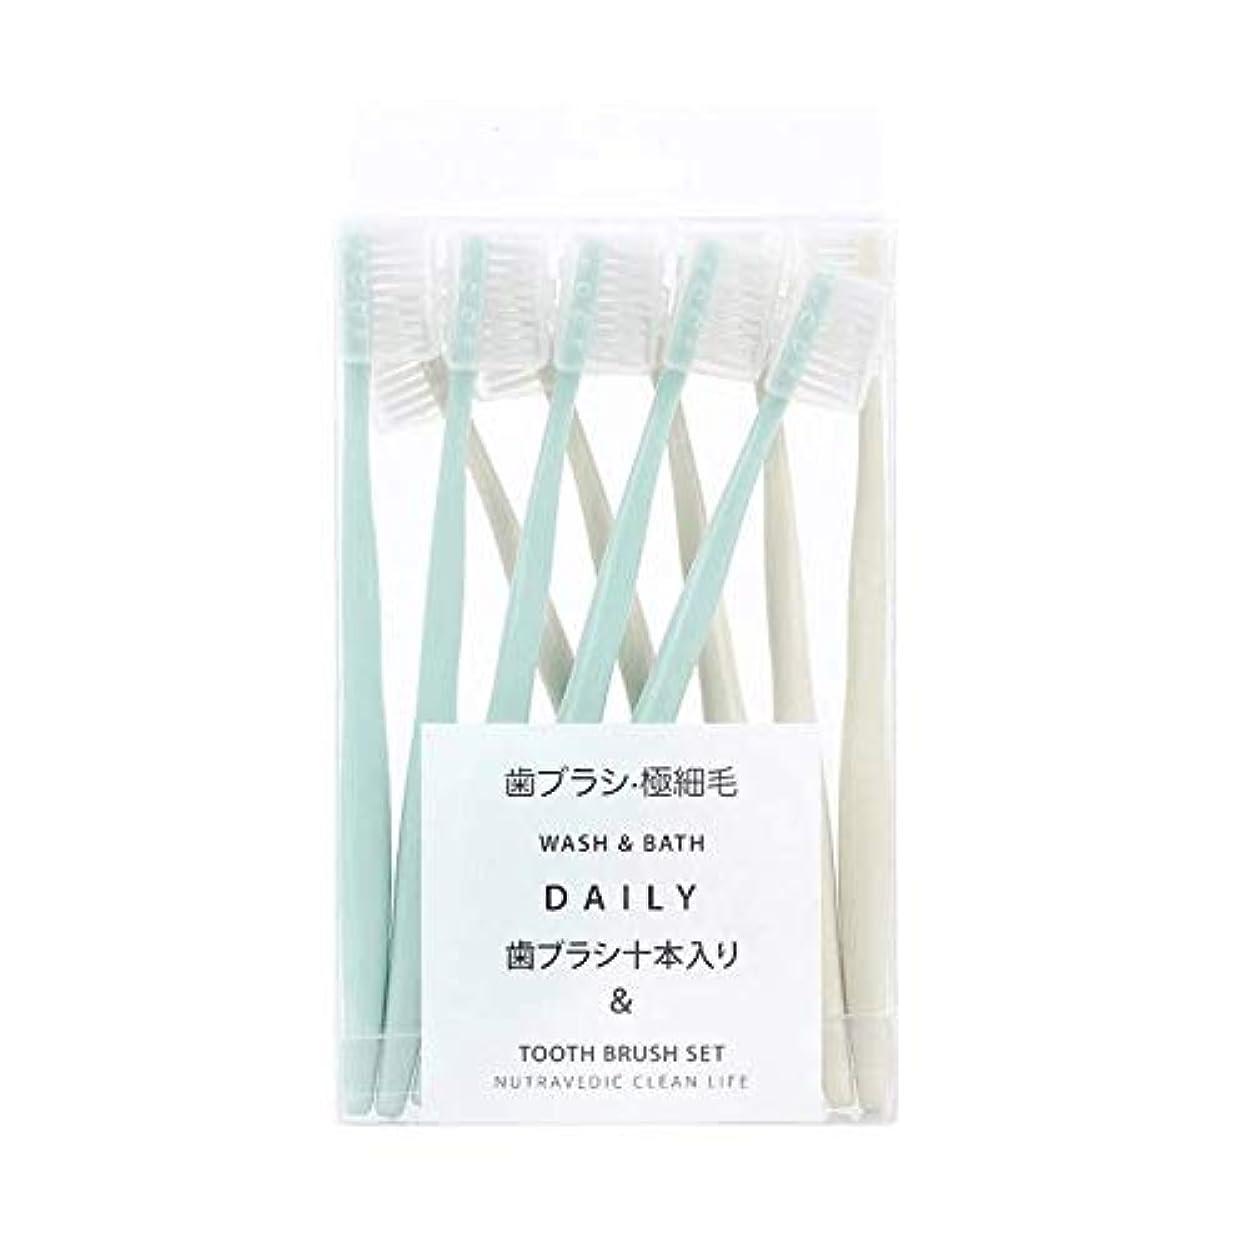 読み書きのできないチャーム溝Childlike 歯ブラシ やわらかめ歯ブラシ天然の柔らかい ハブラシ 超コンパクト歯ブラシ 旅行用歯ブラシ 18.5cm 10パック